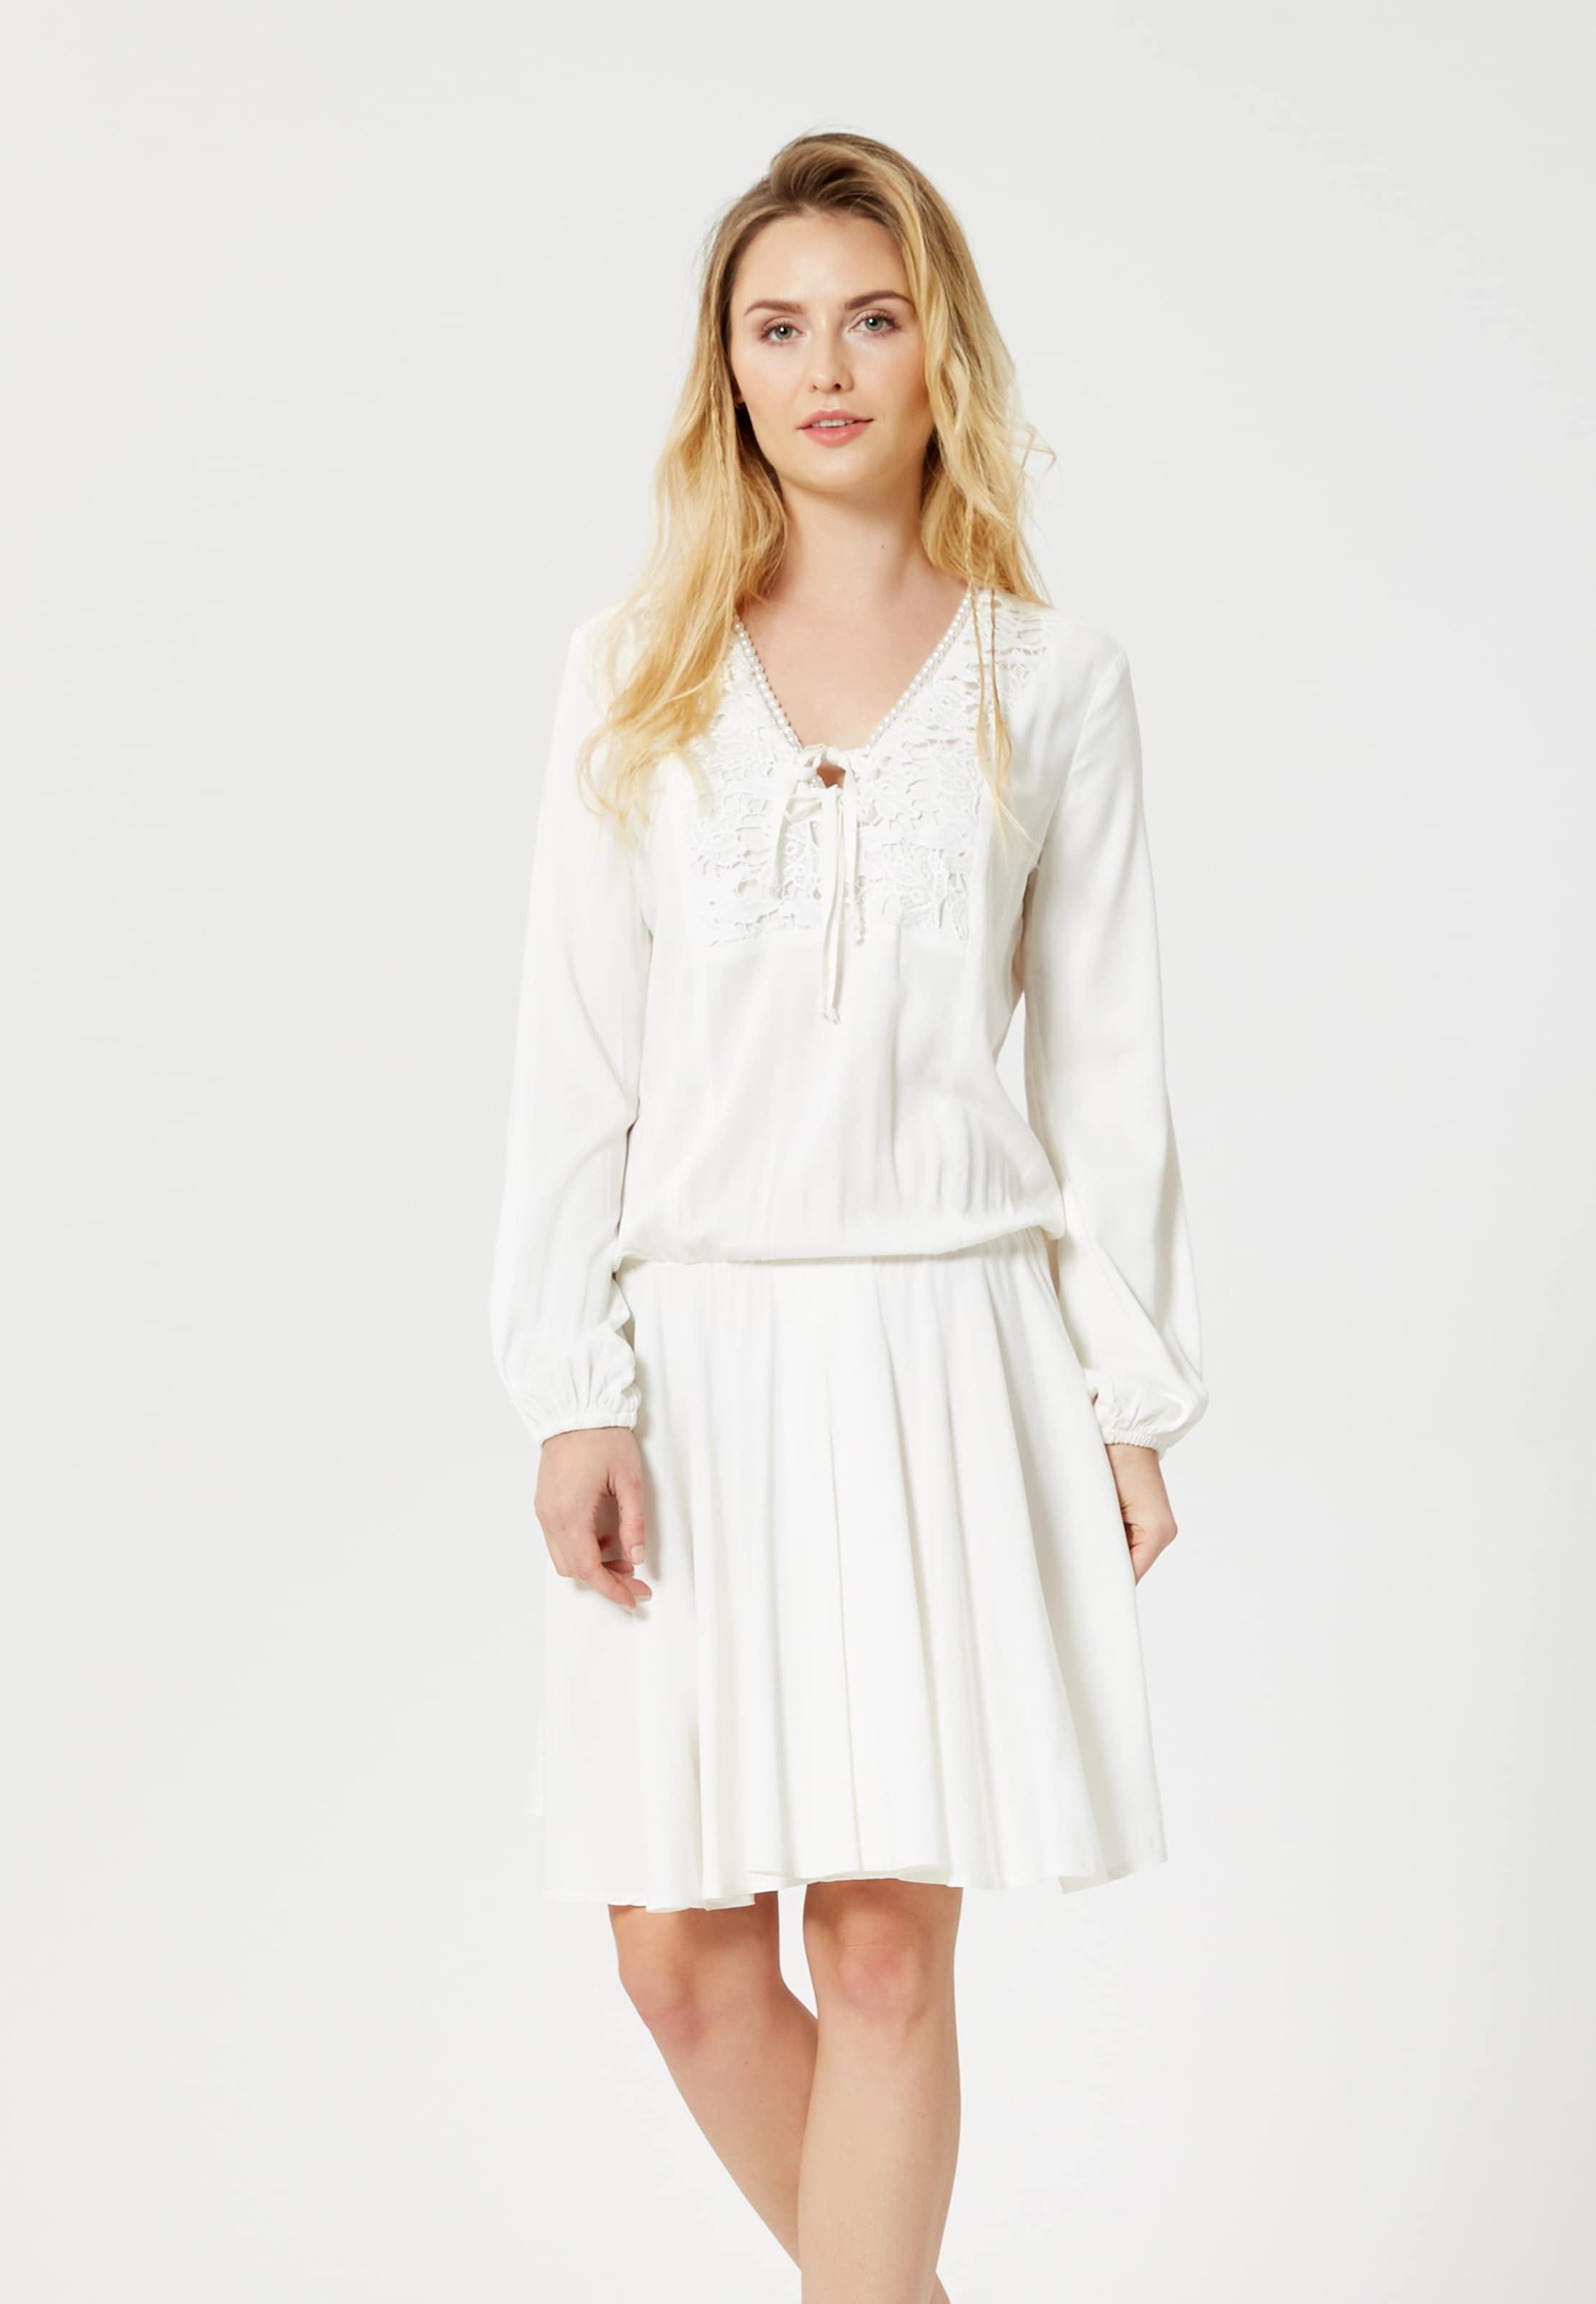 Usha Kleid In Usha In Usha Usha Weiß Kleid In Kleid Weiß Weiß OXZuPik